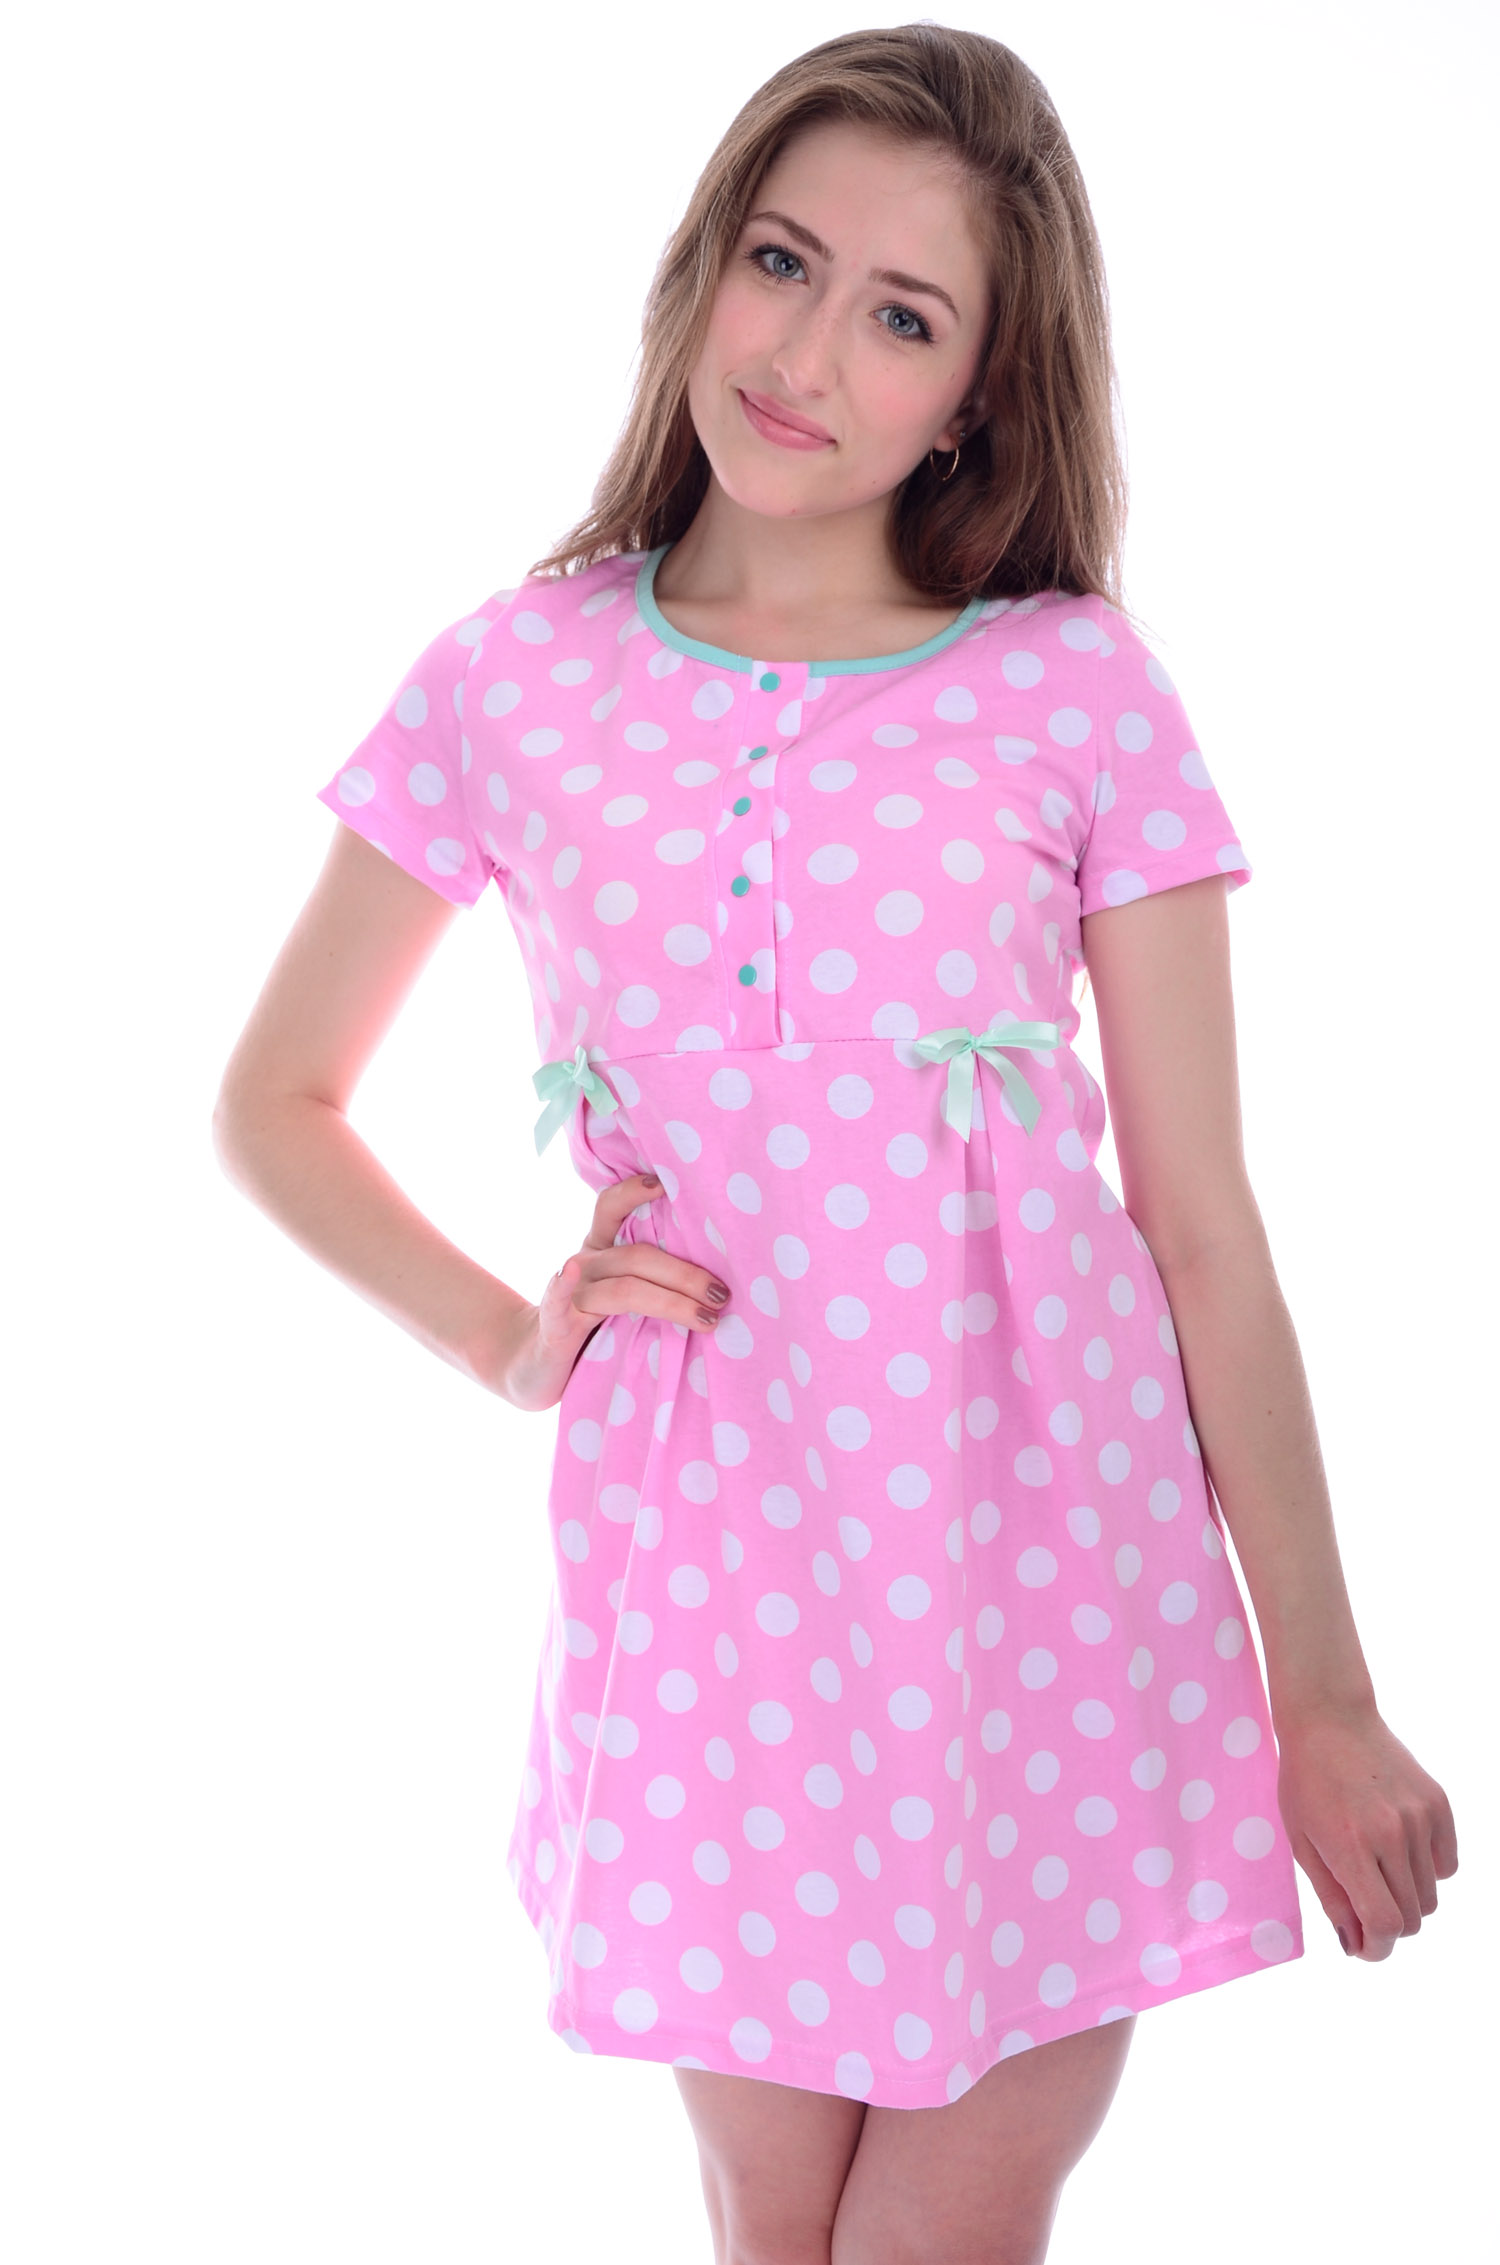 Сорочка женская ПэппиДомашняя одежда<br><br><br>Размер: 46